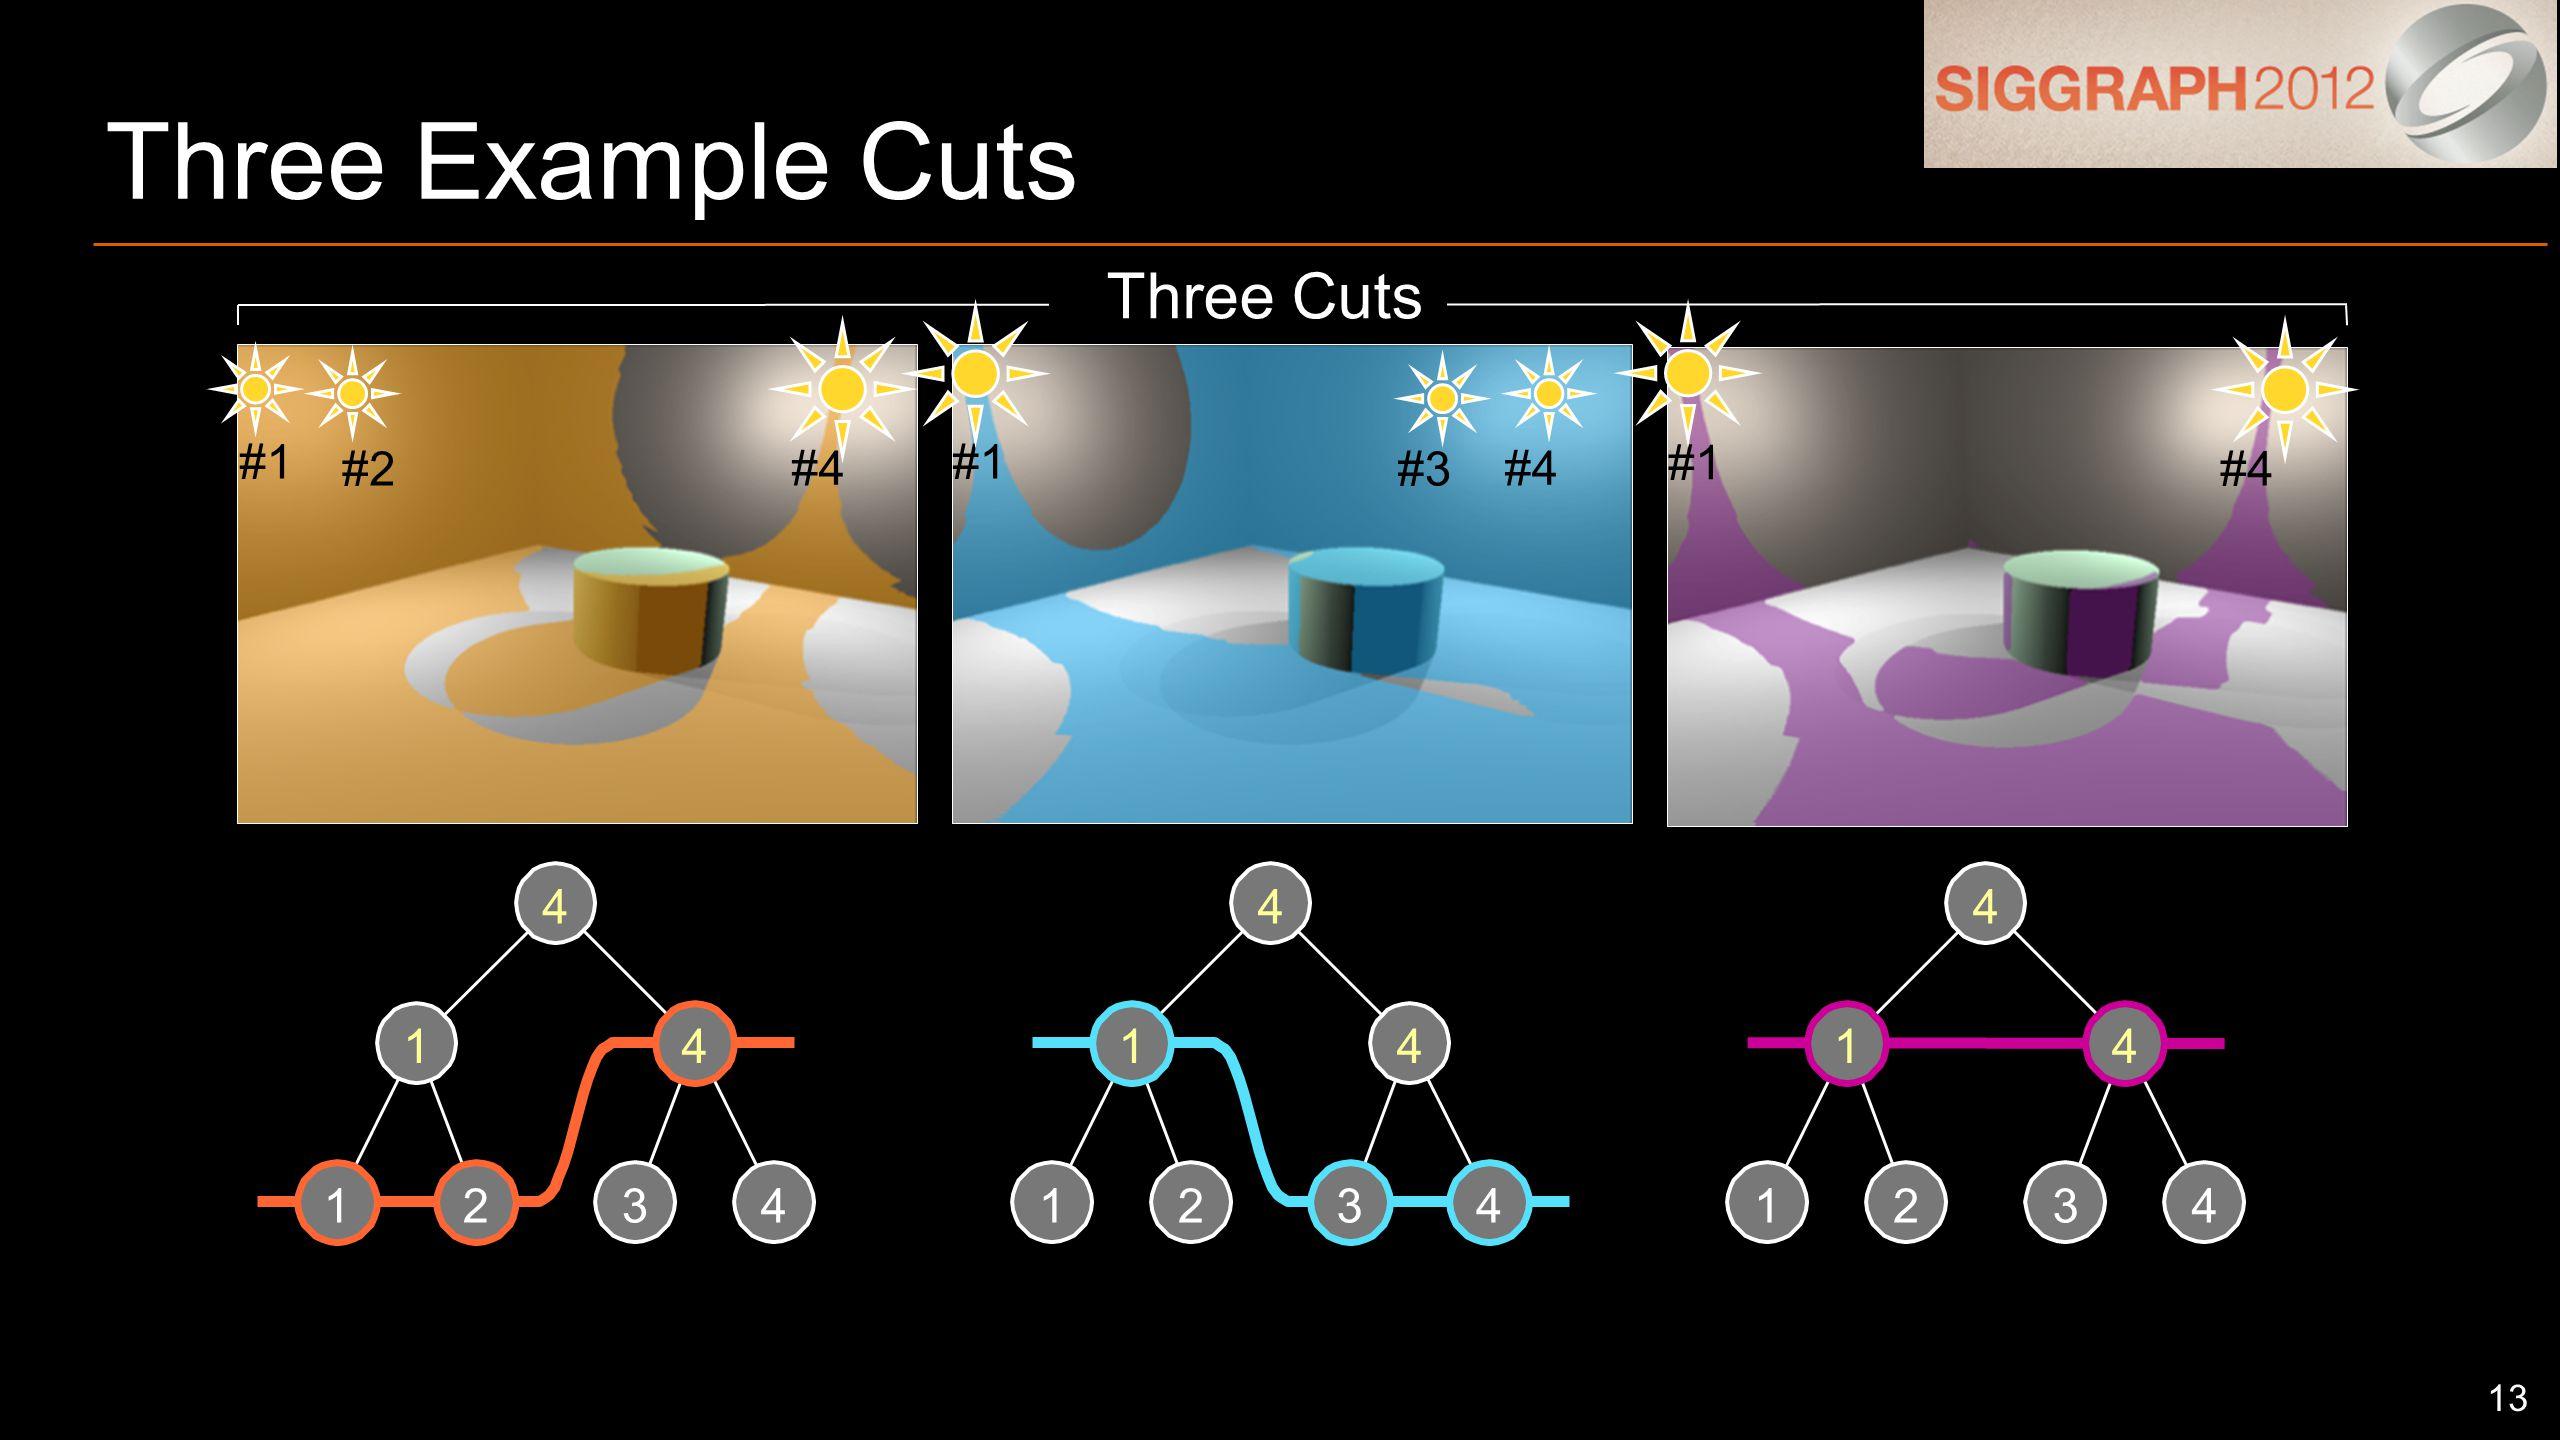 13 Three Example Cuts 1234 14 4 1234 14 4 1234 14 4 Three Cuts #1 #2 #4 #1 #3 #4 #1 #4